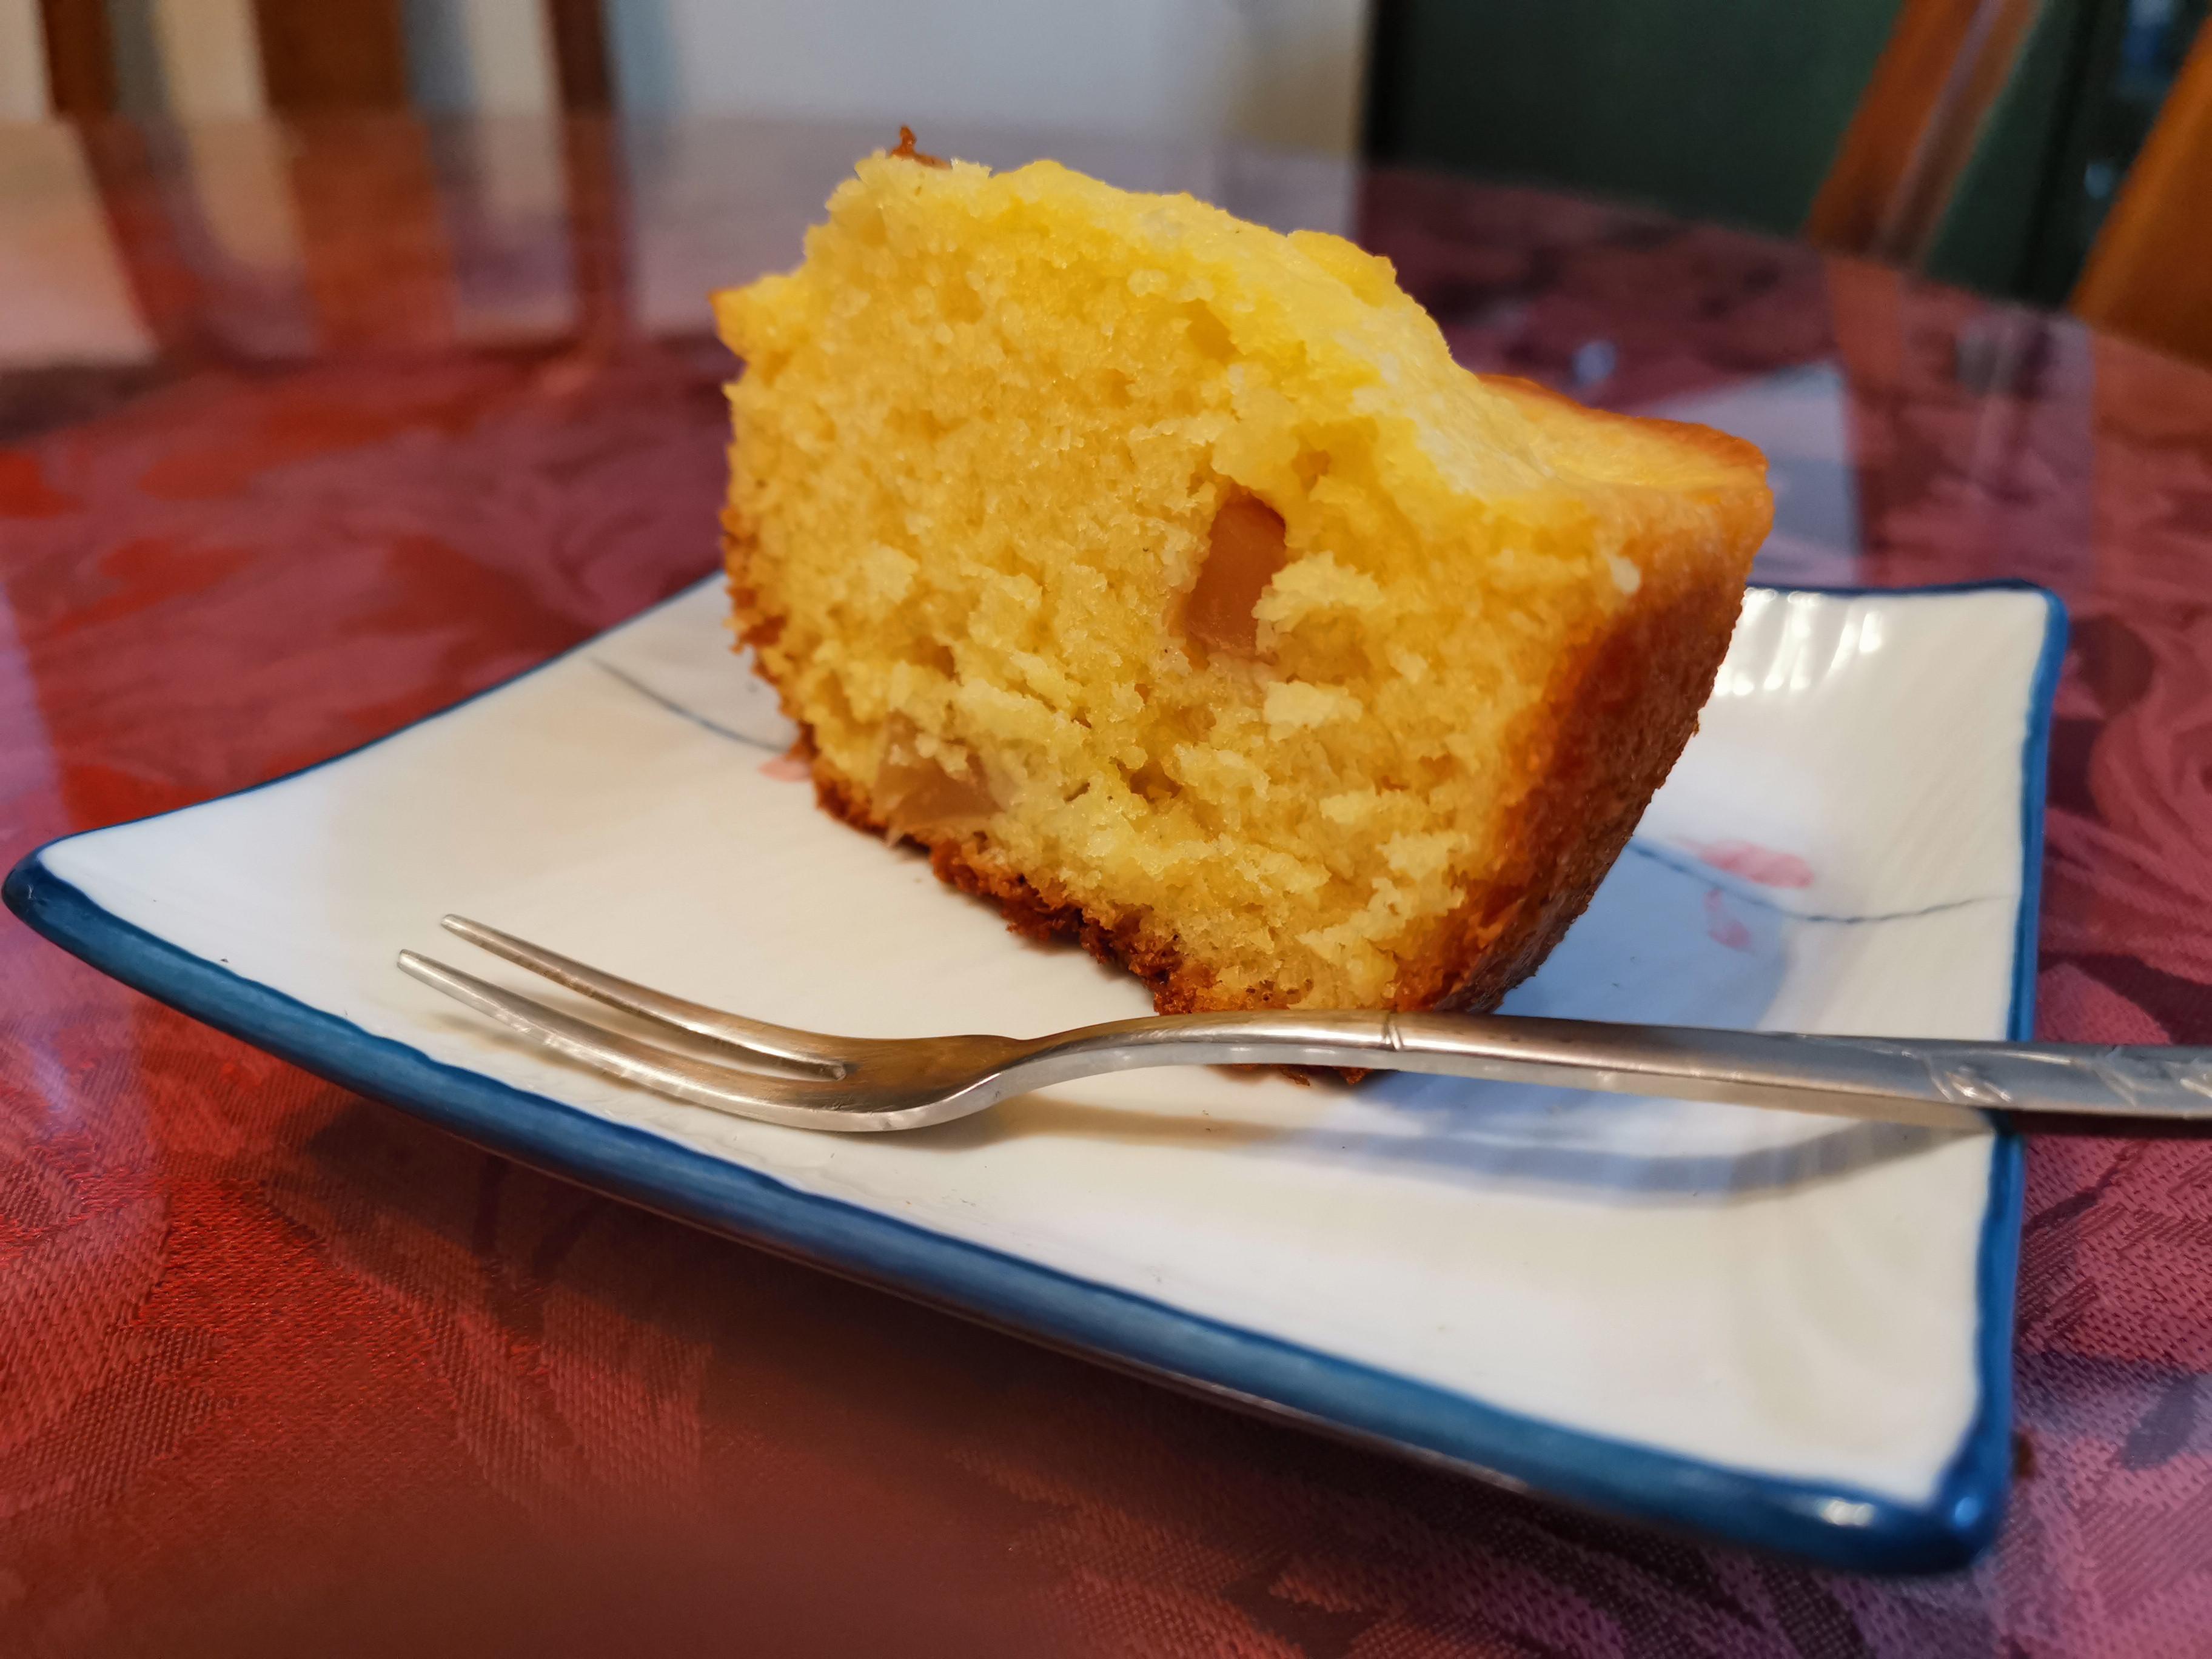 平底鍋做「肉桂蘋果蛋糕」